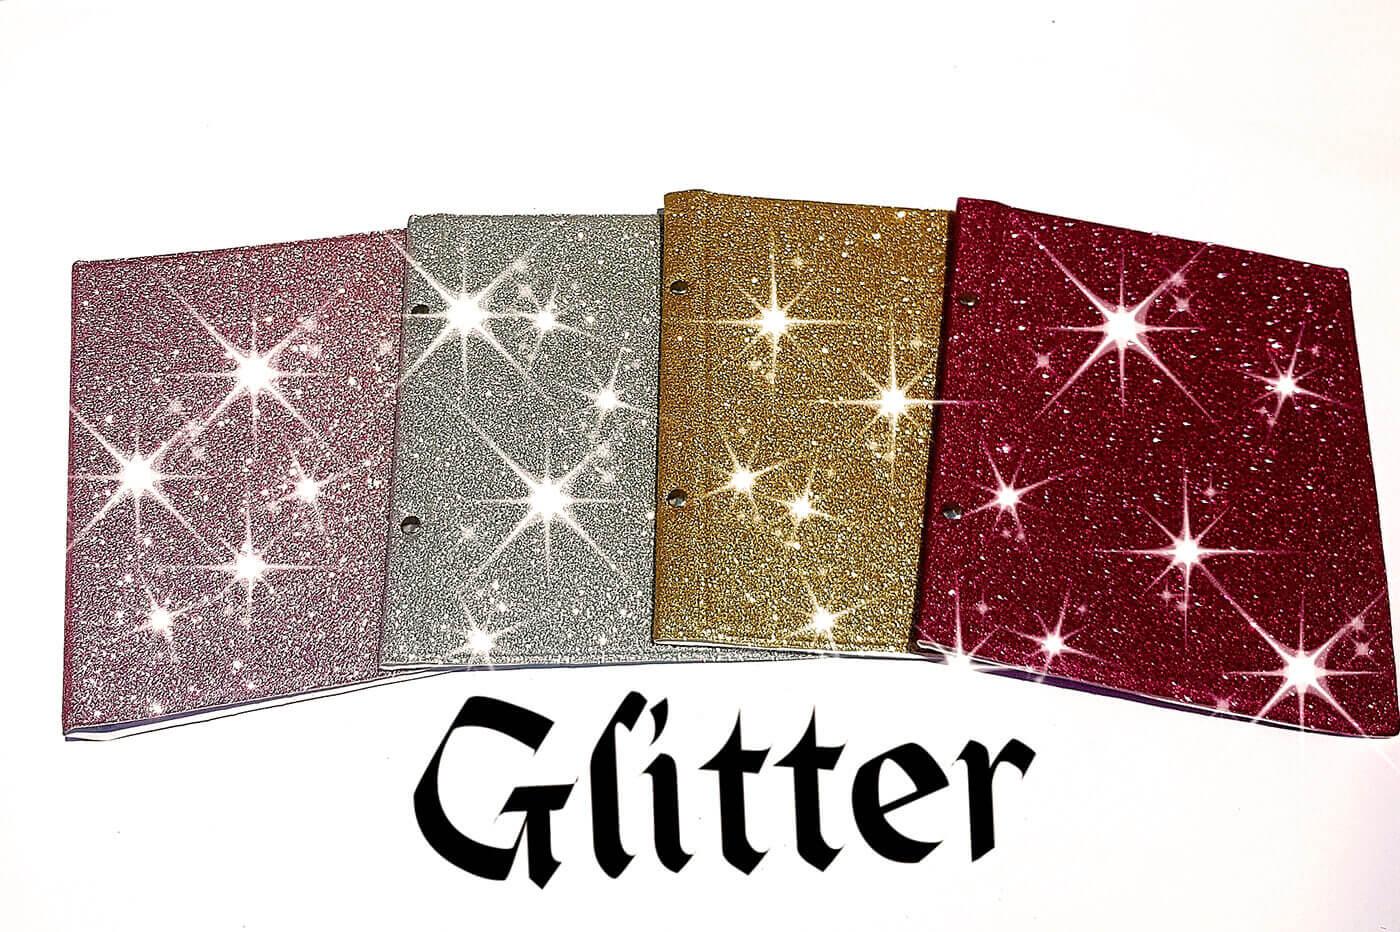 2 albuns de foto Veludo / Glitter ou Couro 20x25/ 4o fotos